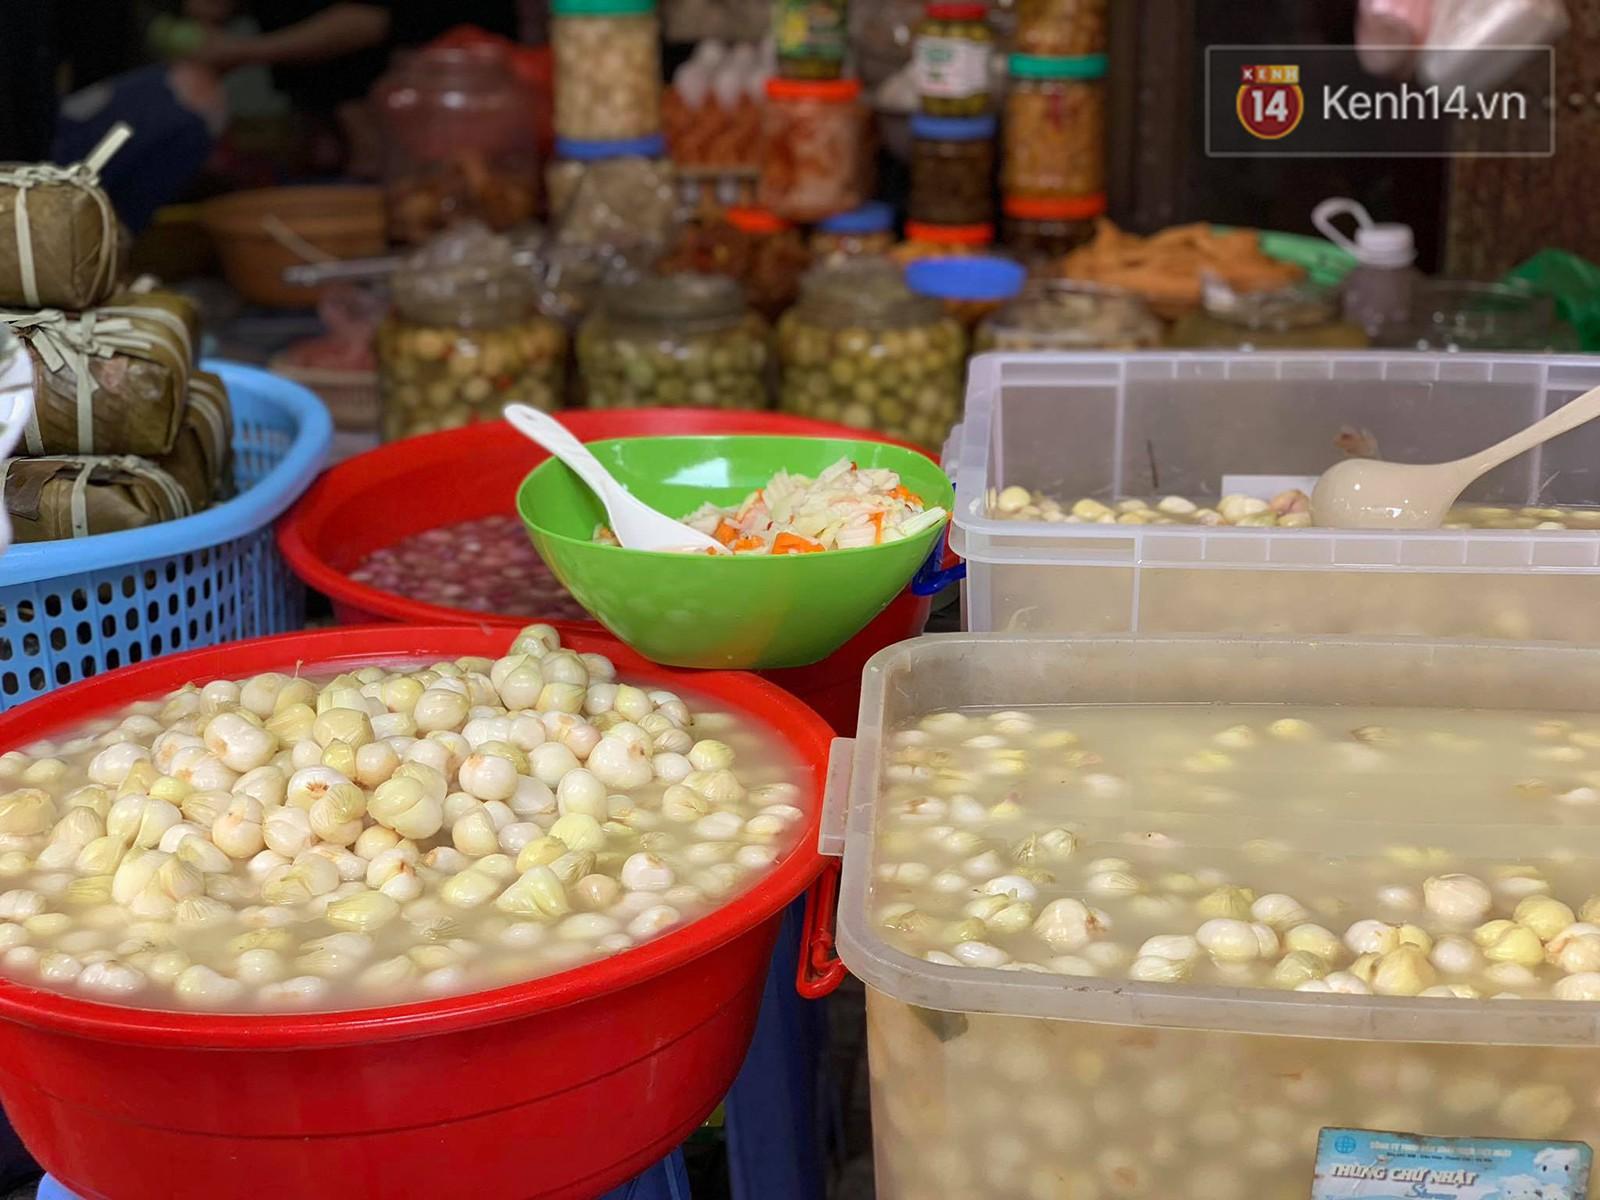 Lưu ý khi ăn các món dưa cà muối ngày Tết để không làm tăng nguy cơ hại sức khoẻ - Ảnh 2